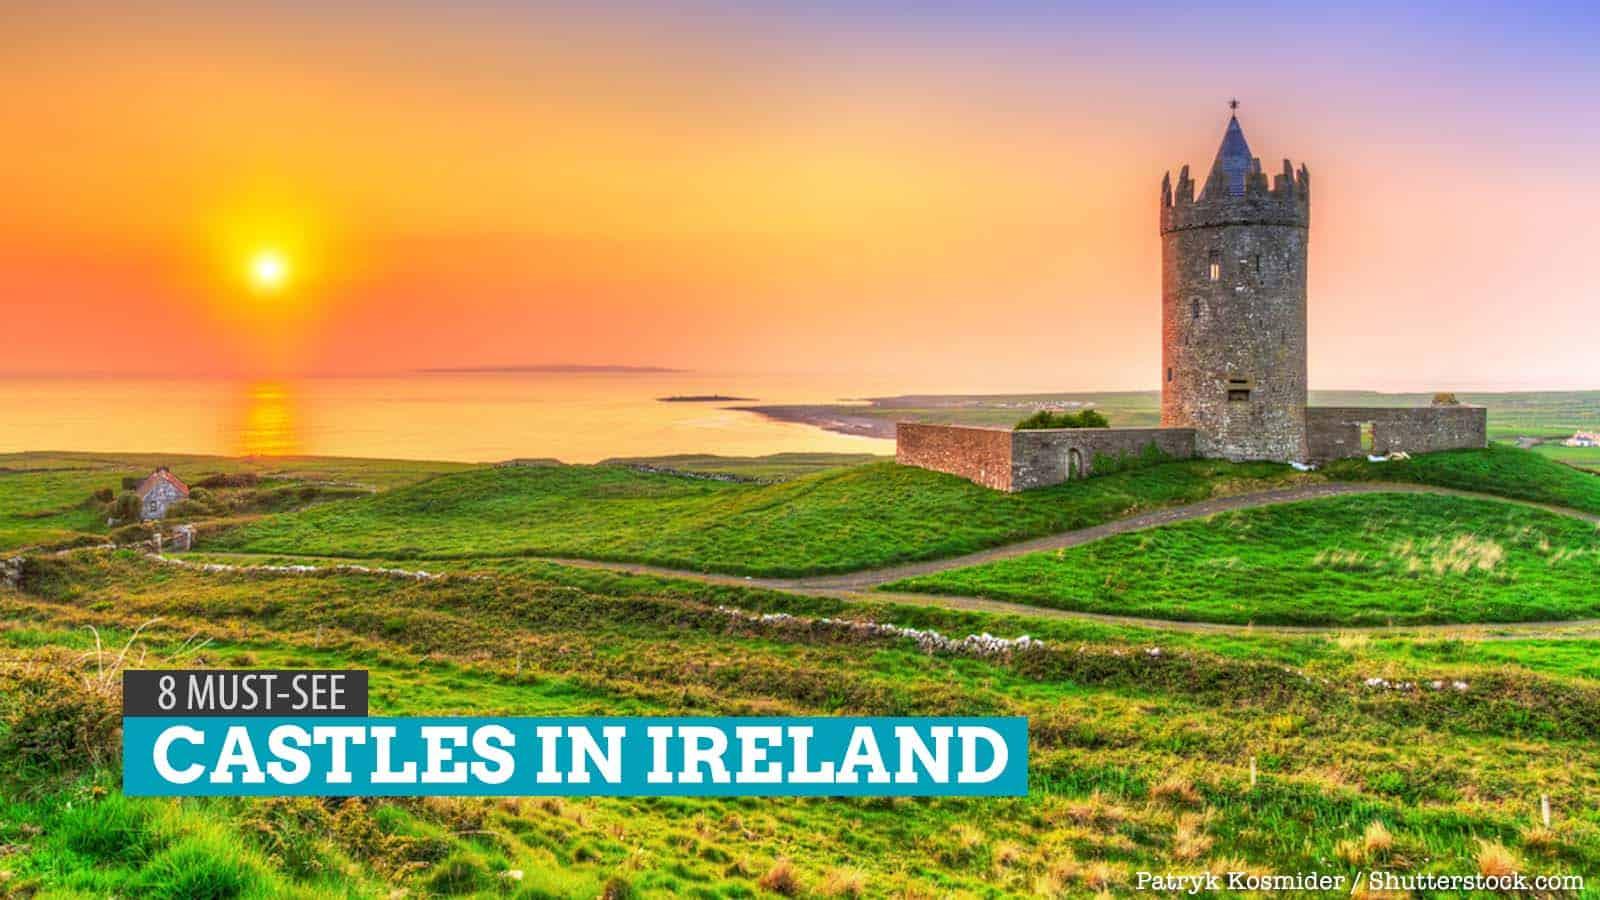 爱尔兰8个必看的城堡 | 穷游者的行程安排博客